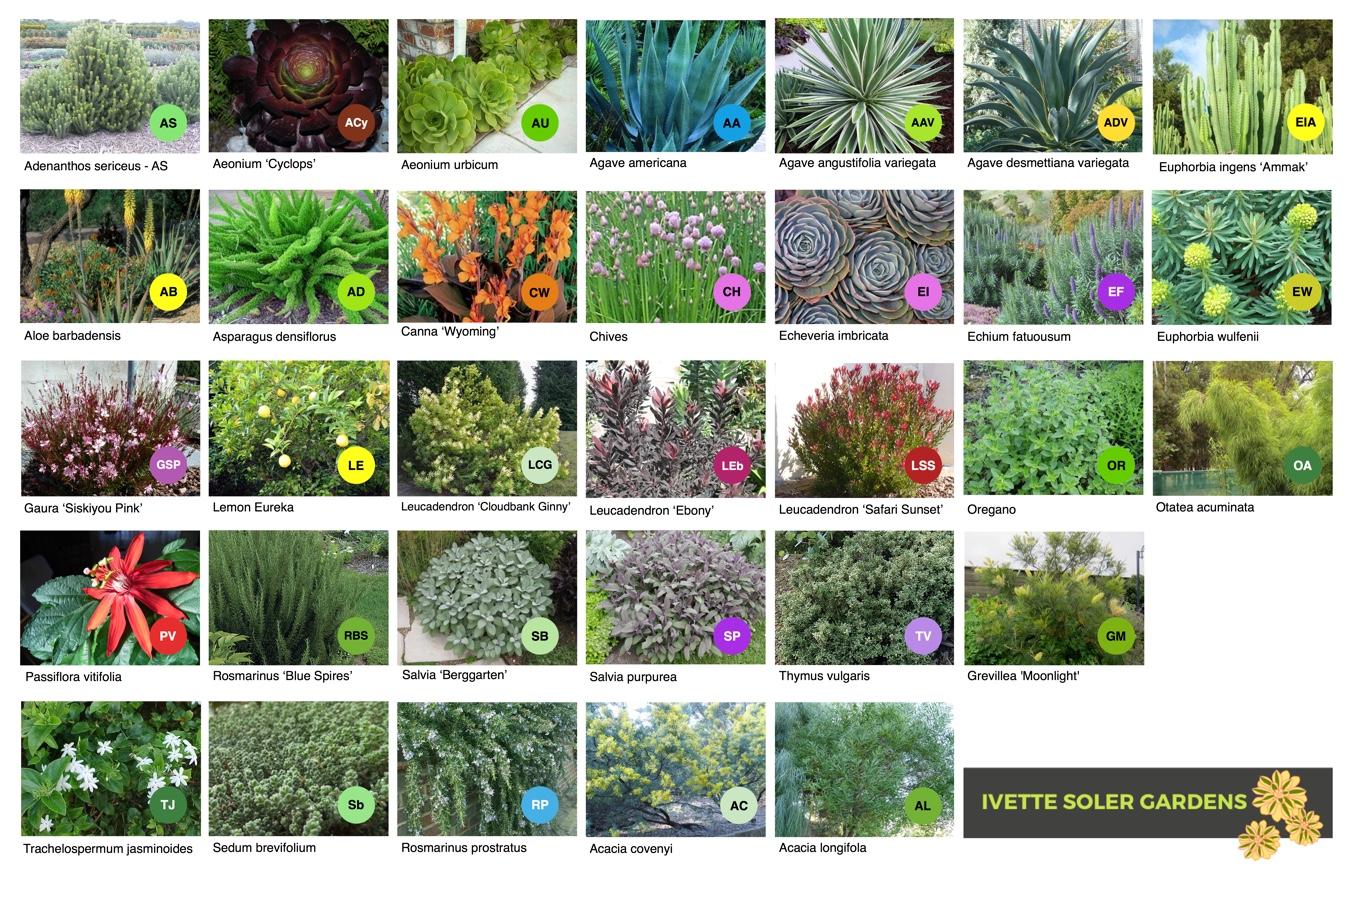 Plant Images & Key